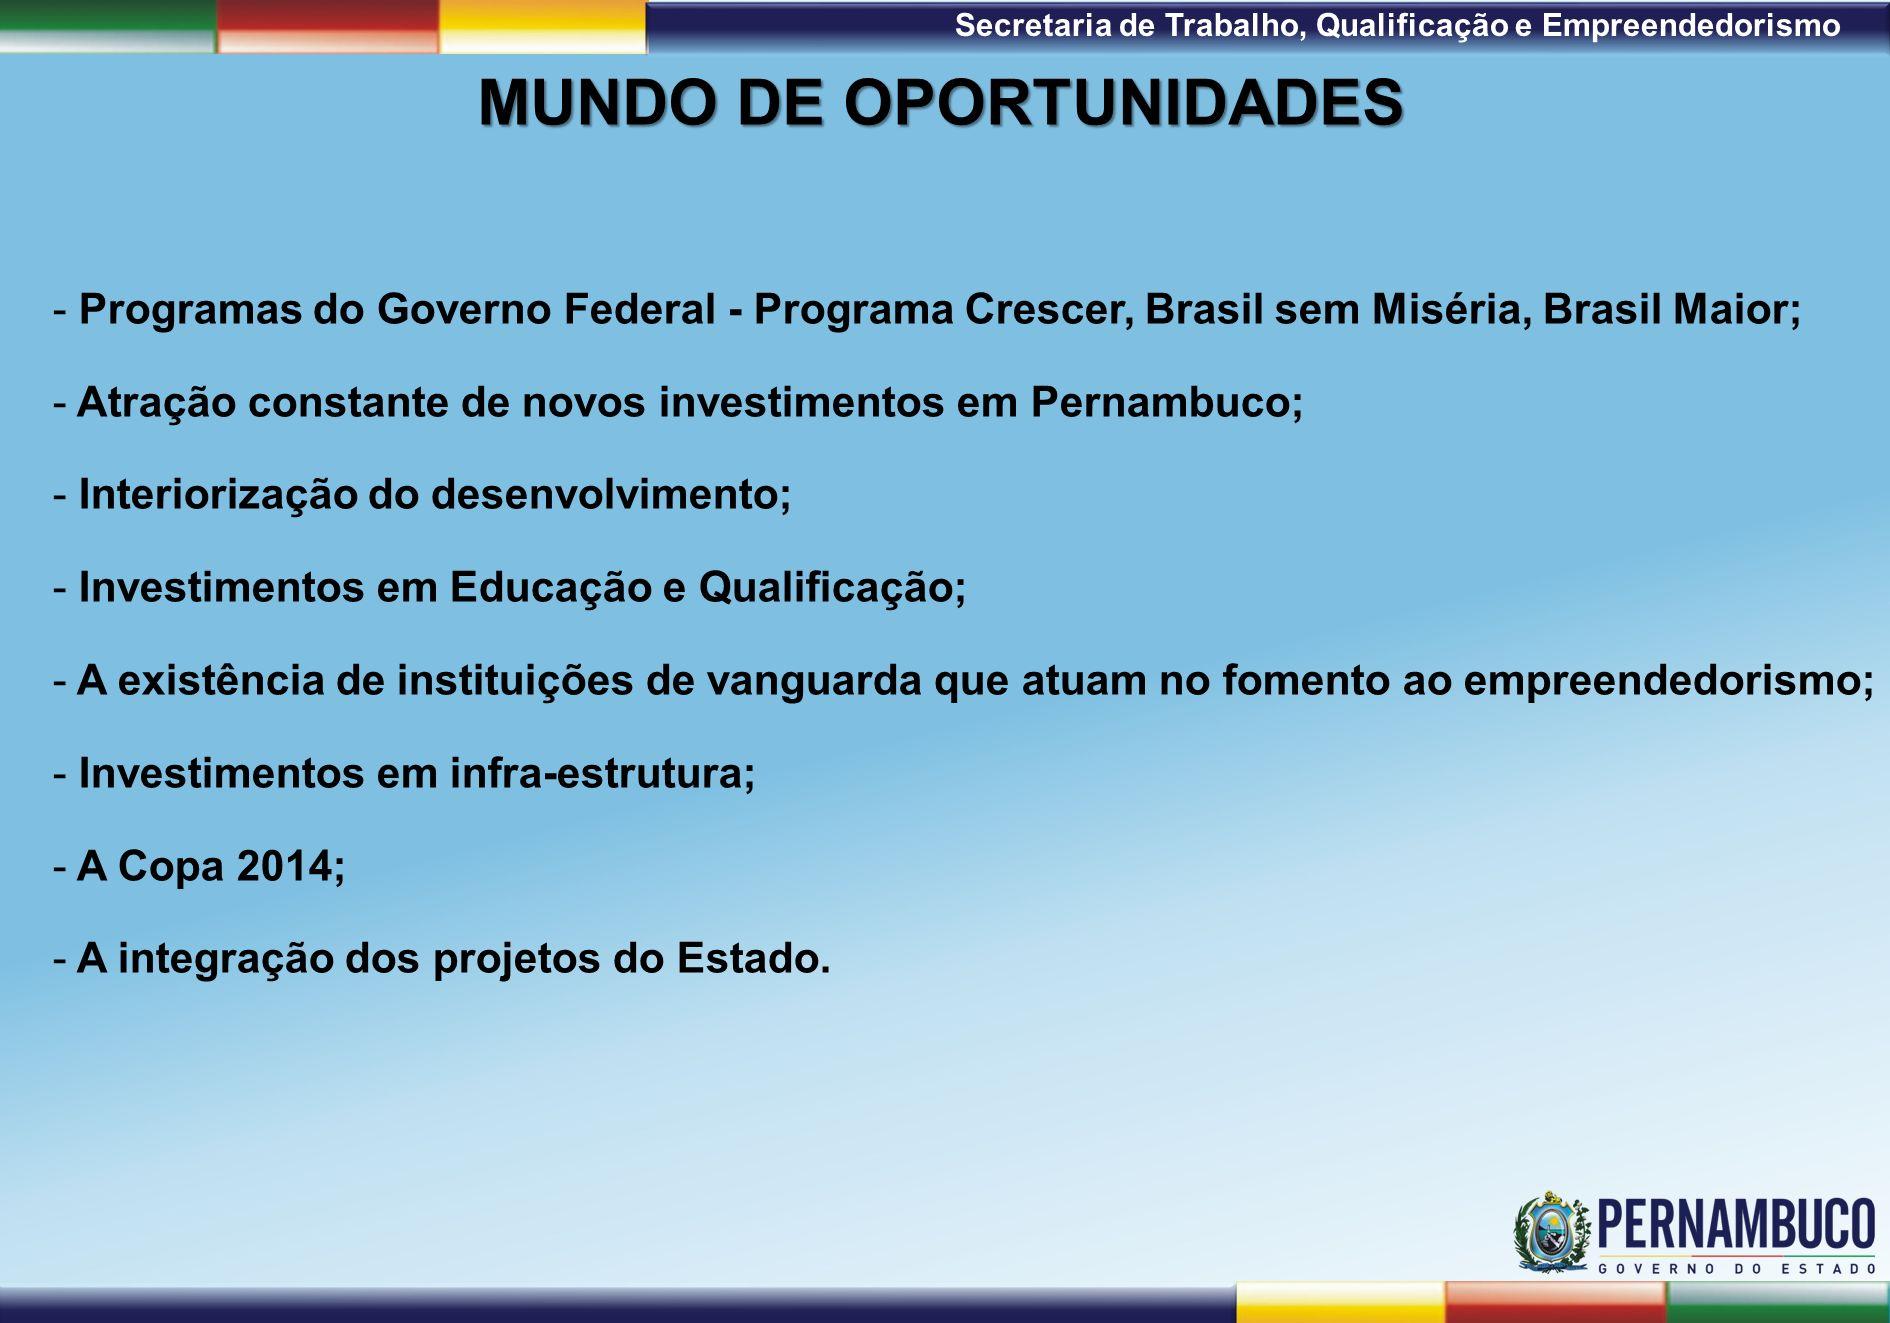 1ª Reunião de Monitoramento 2009 – 31/03/09 Secretaria de Trabalho, Qualificação e Empreendedorismo MUNDO DE OPORTUNIDADES - Programas do Governo Federal - Programa Crescer, Brasil sem Miséria, Brasil Maior; - Atração constante de novos investimentos em Pernambuco; - Interiorização do desenvolvimento; - Investimentos em Educação e Qualificação; - A existência de instituições de vanguarda que atuam no fomento ao empreendedorismo; - Investimentos em infra-estrutura; - A Copa 2014; - A integração dos projetos do Estado.